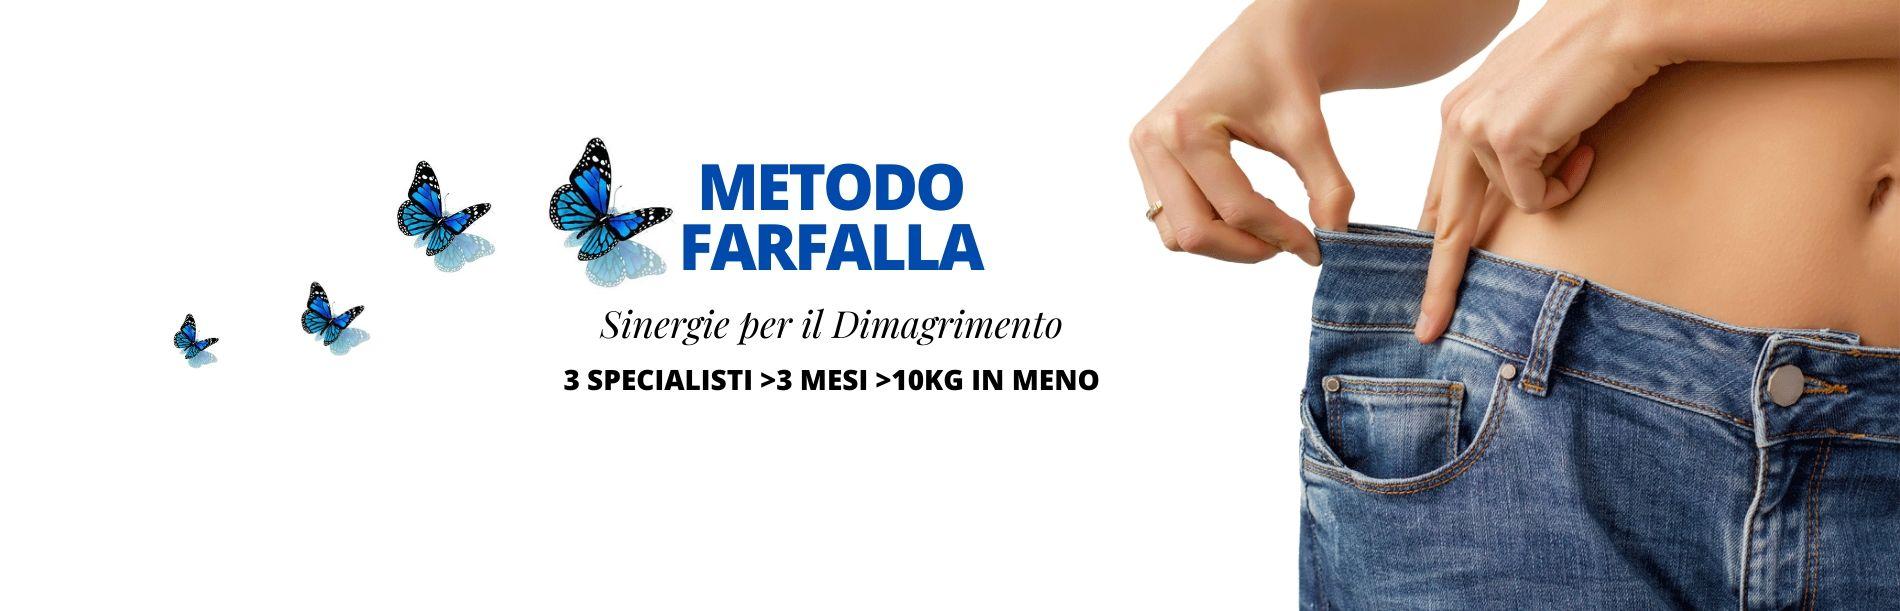 Nuovo Metodo Per Dimagrire In 3 Mesi Nel Centro San Prospero A Bologna